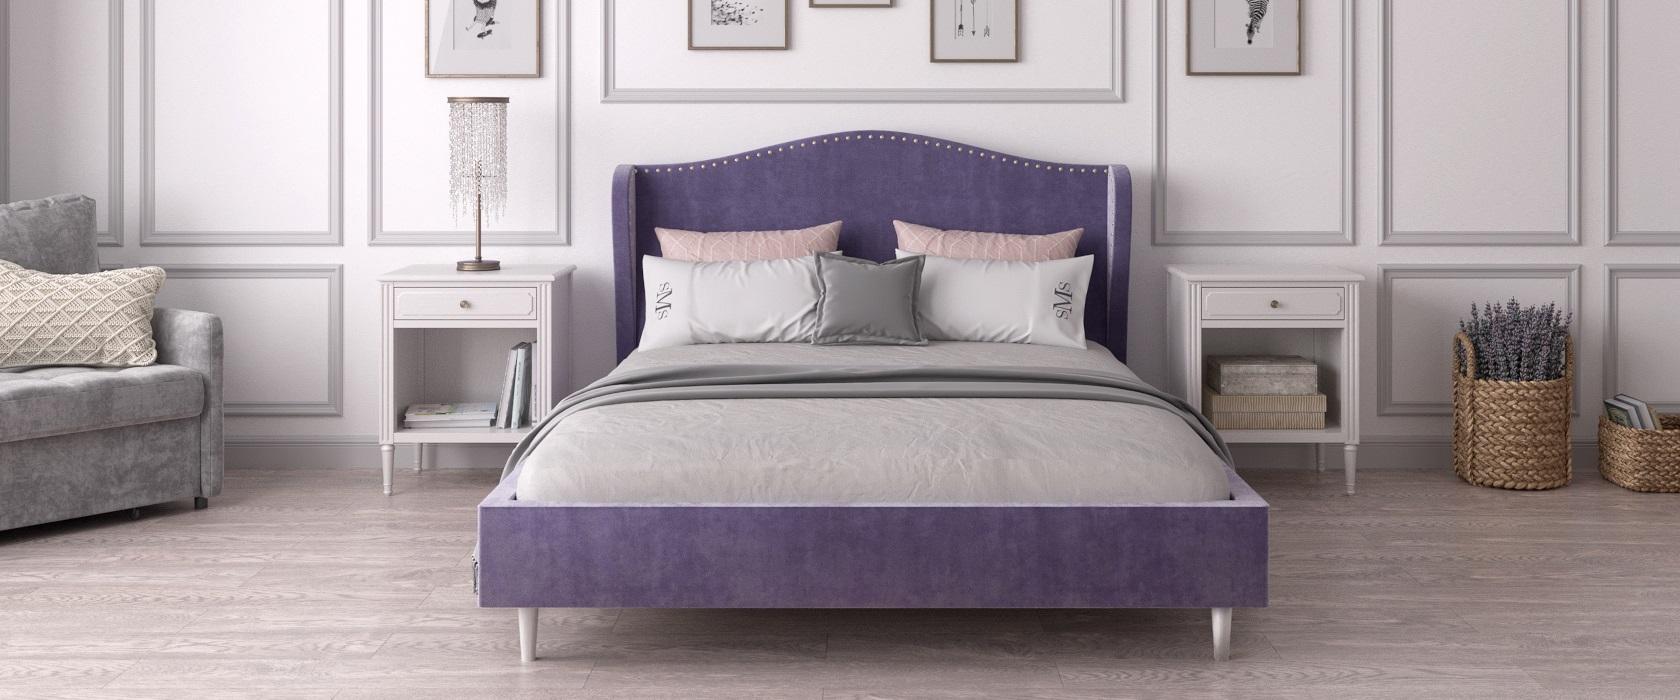 Ліжко Violetta - Фото 1 - Pufetto